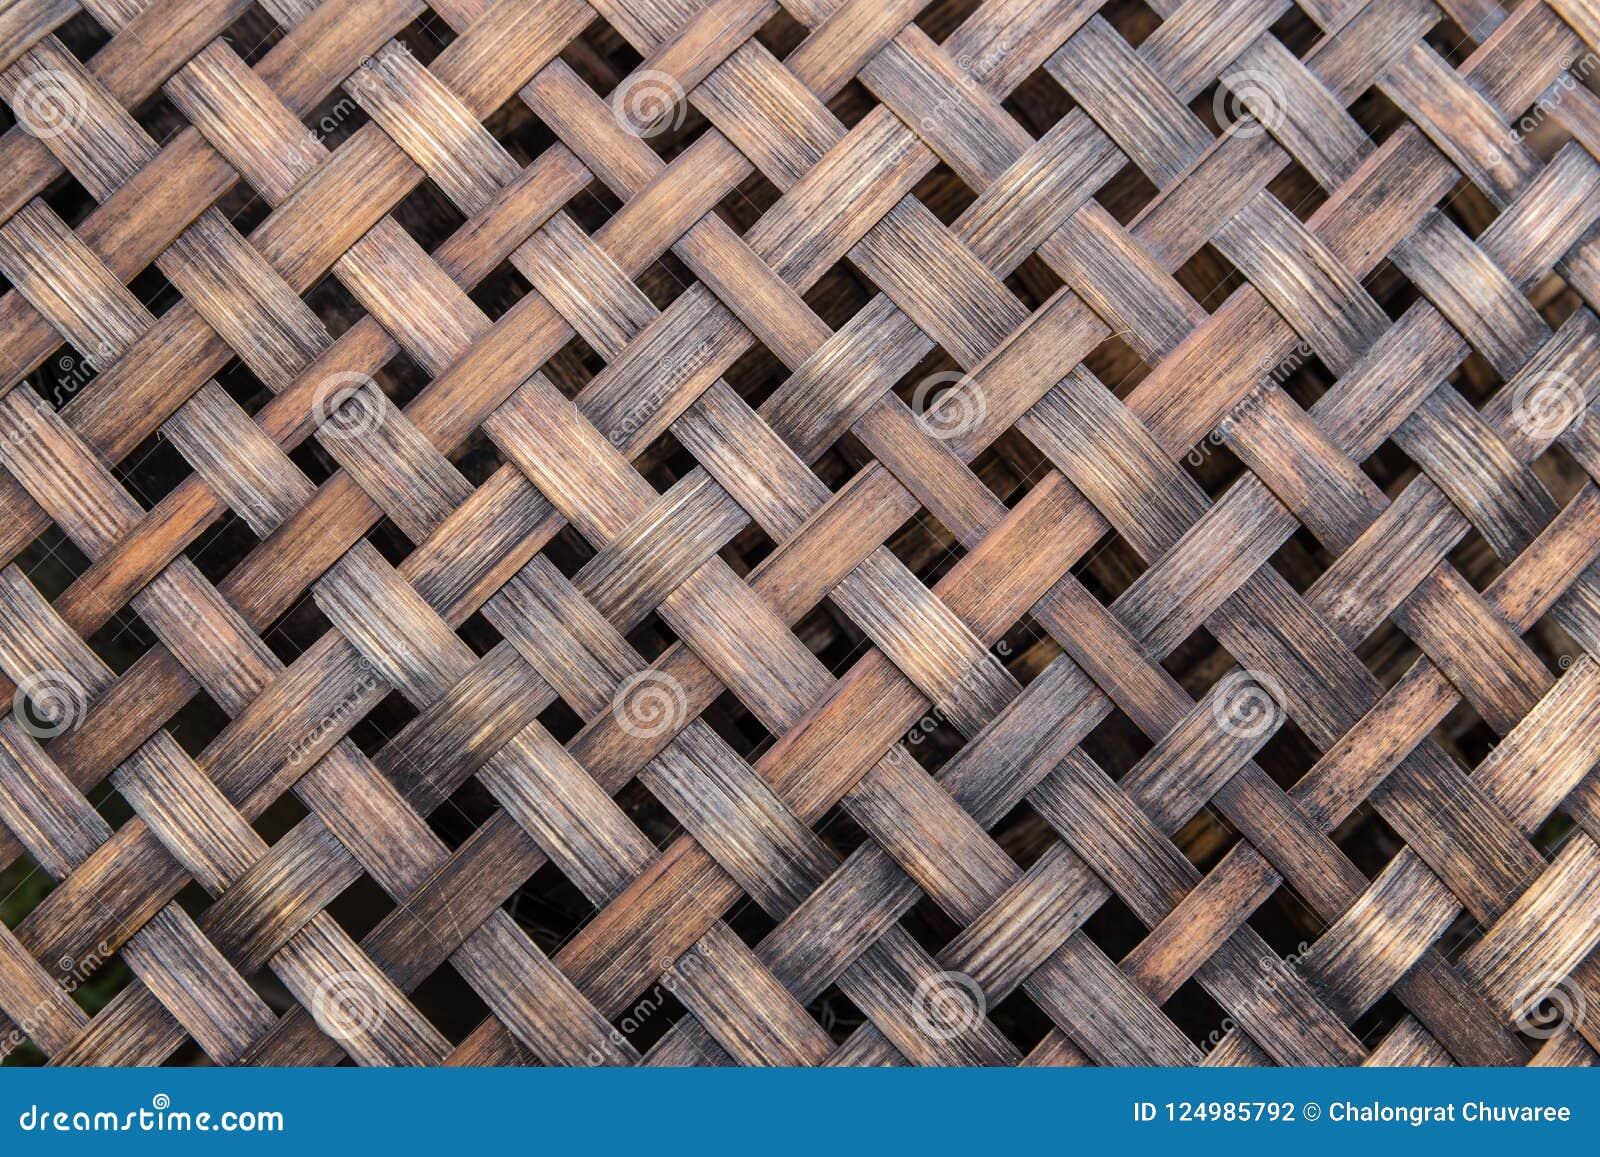 Weave de bambu da cestaria